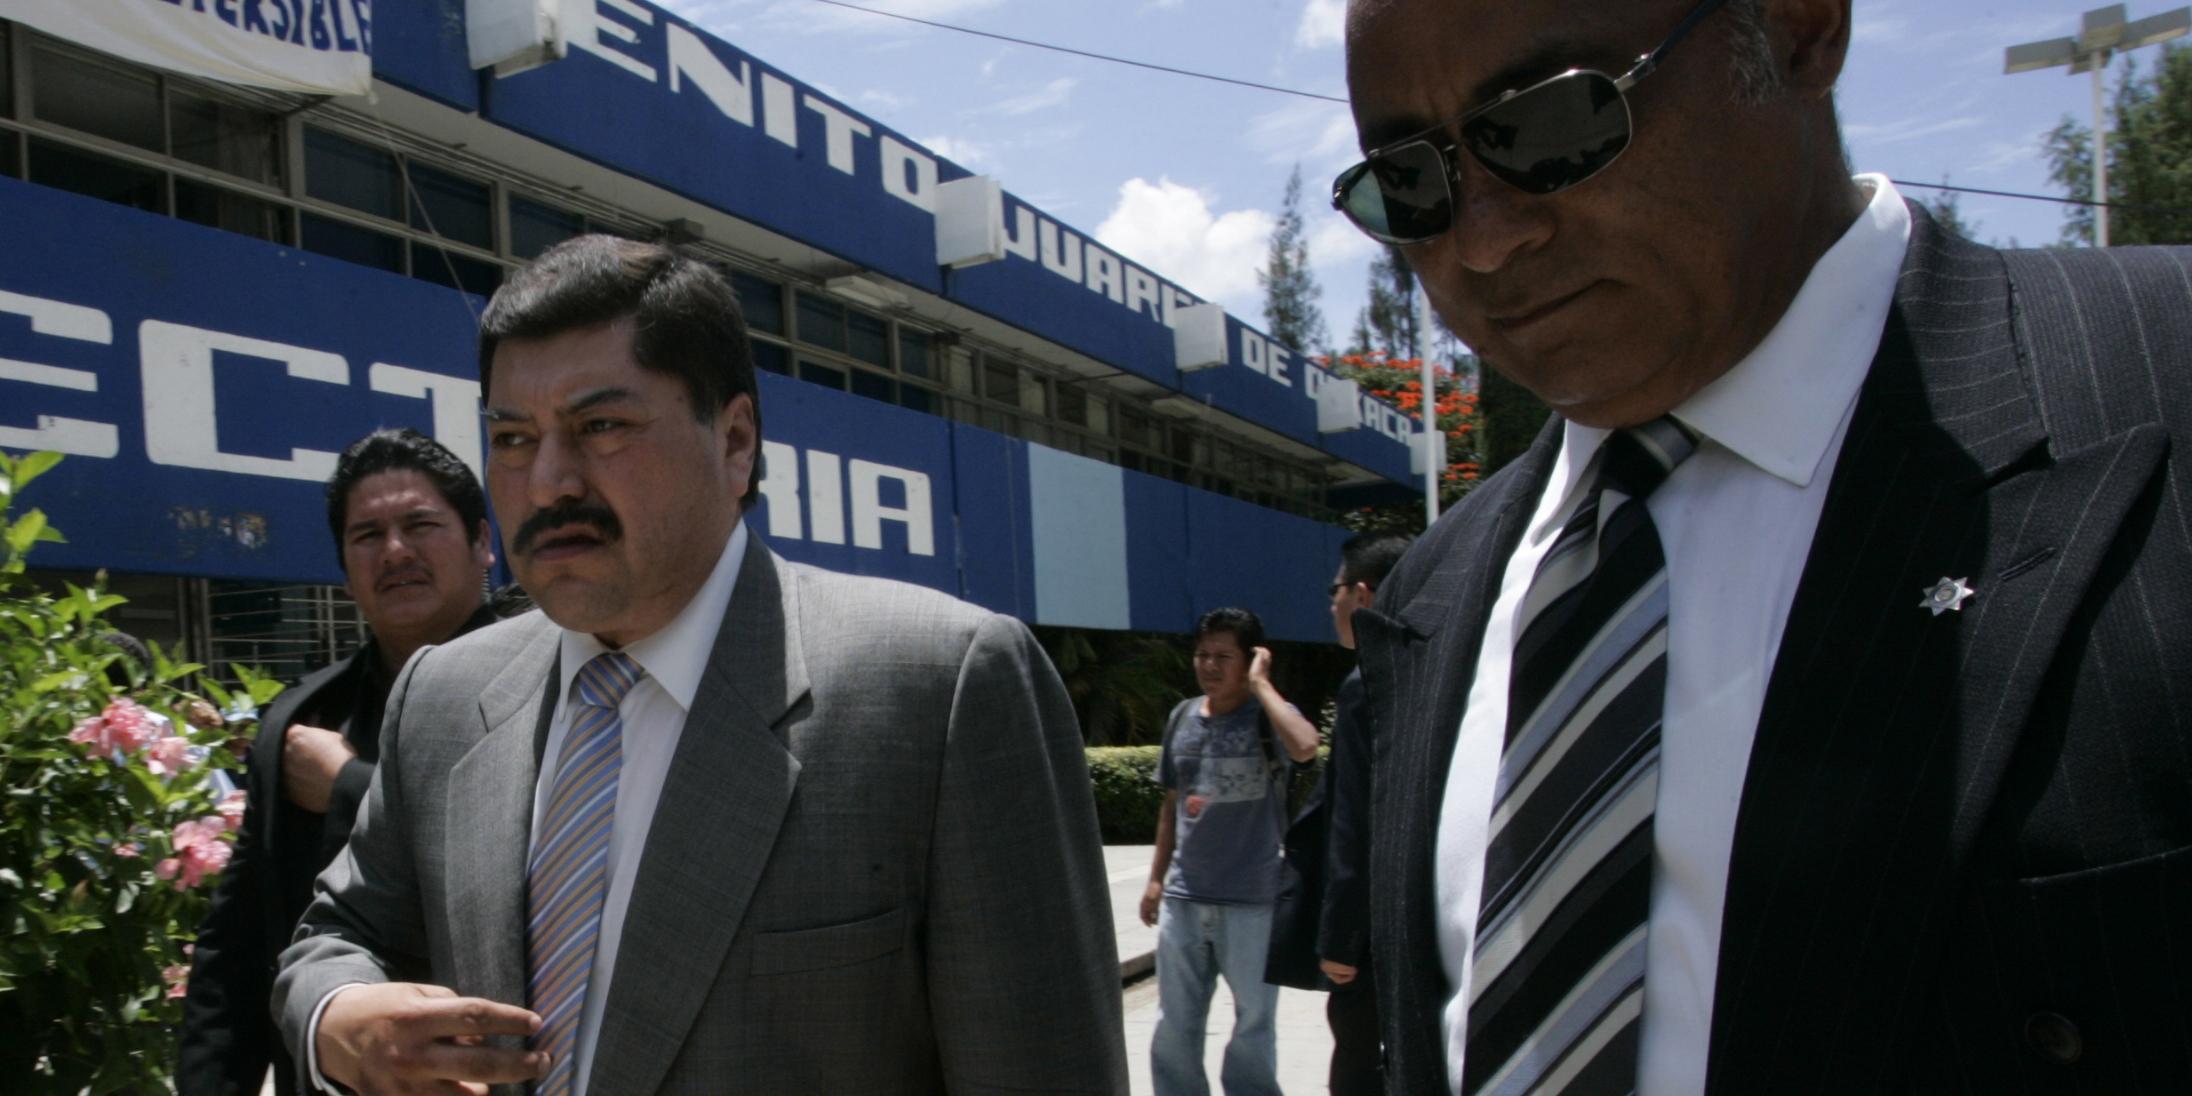 Libra juez federal orden de aprehensión  contra exprocurador   El Imparcial de Oaxaca